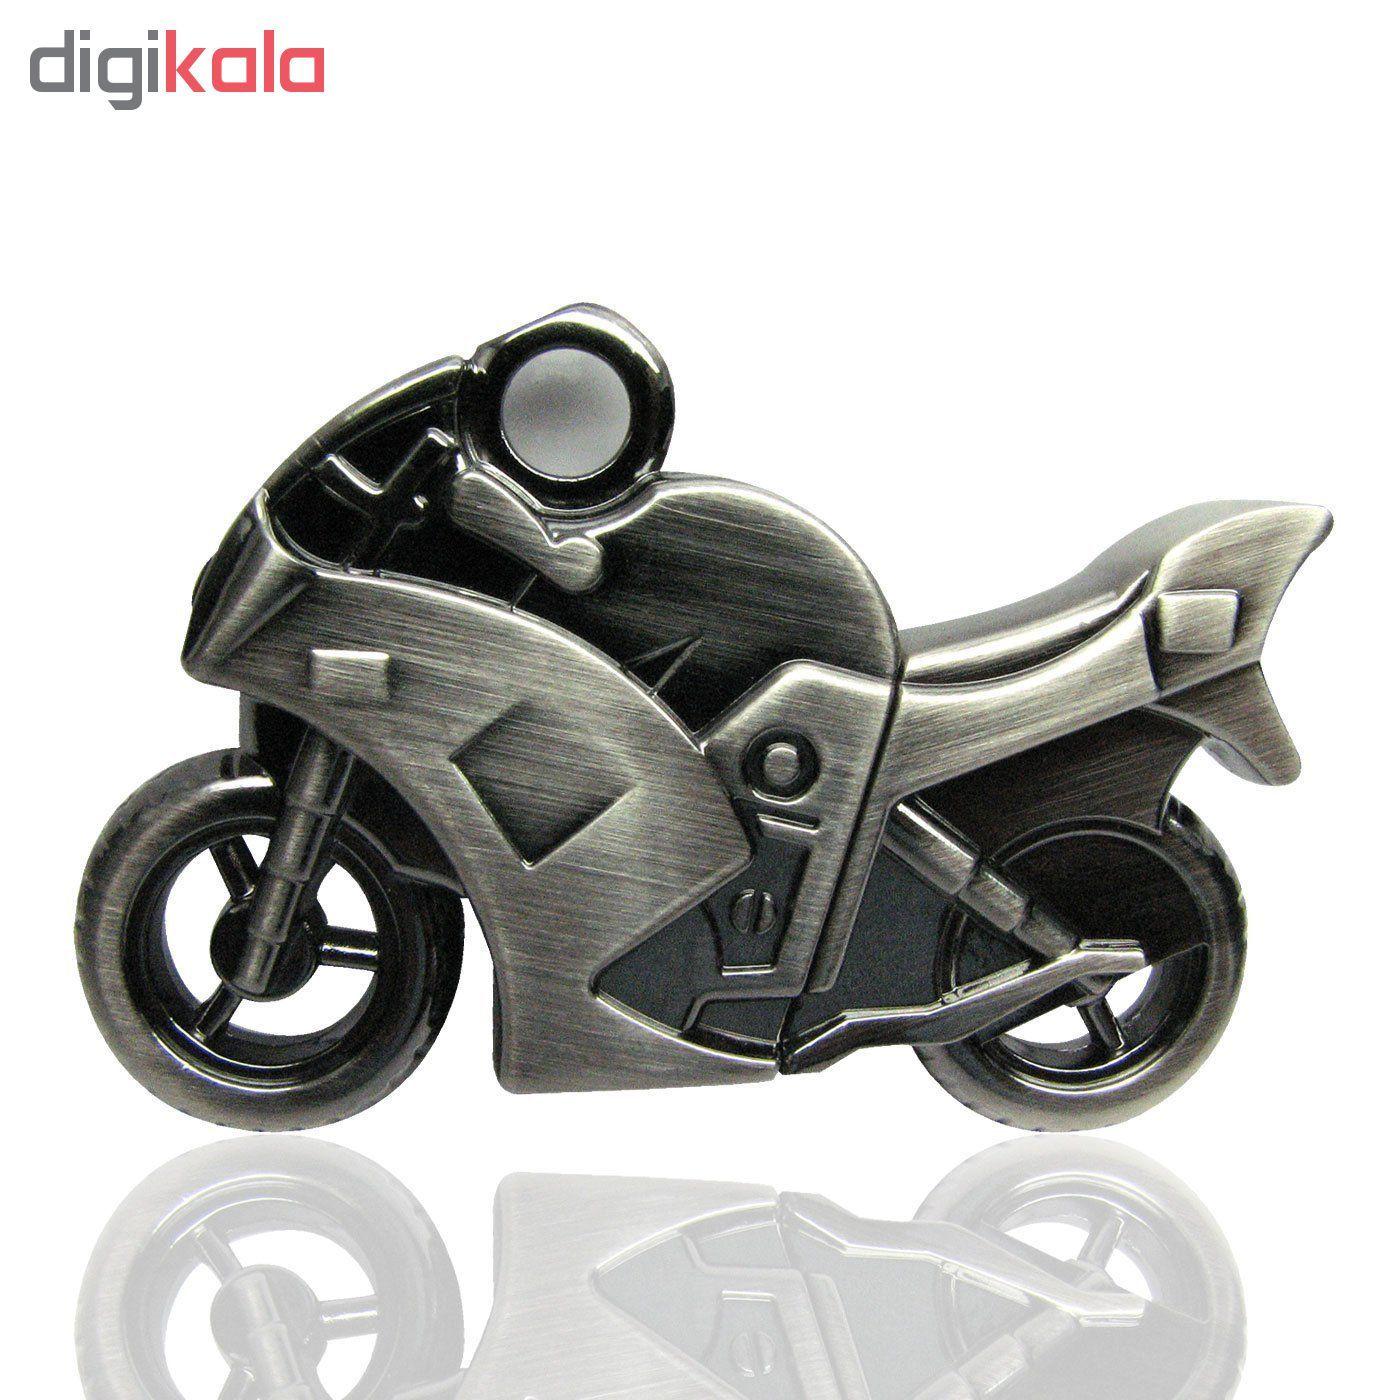 فلش مموری طرح موتورسیکلت کدMMB01 ظرفیت 8 گیگابایت main 1 18